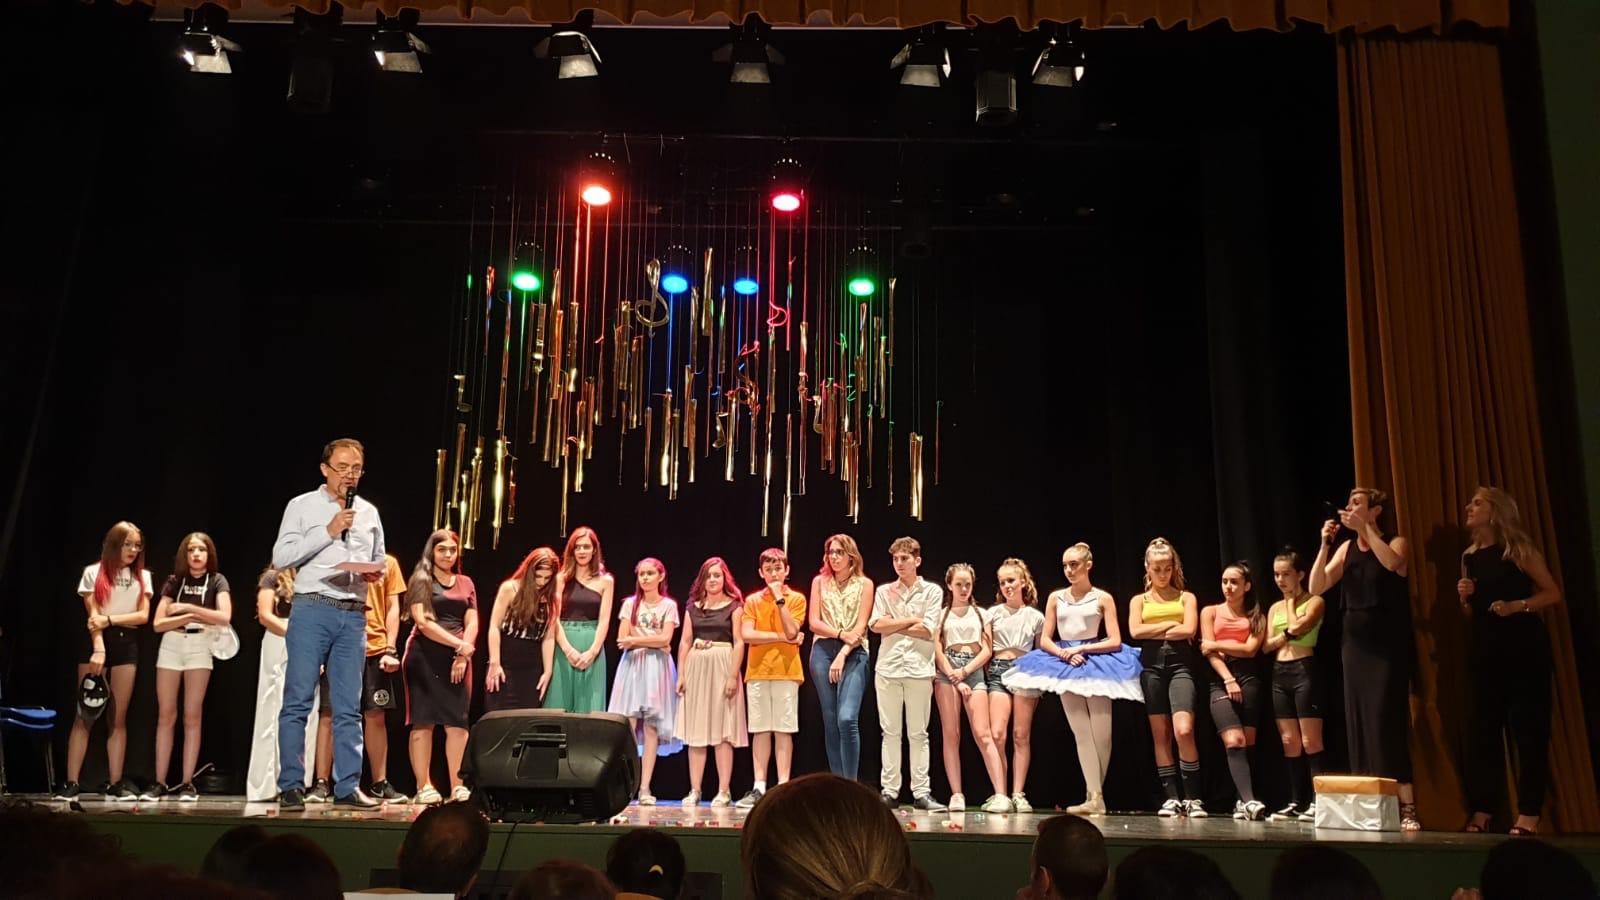 Un conjunto de baile moderno gana el I concurso de talentos del IES Arabuleila de Cúllar Vega